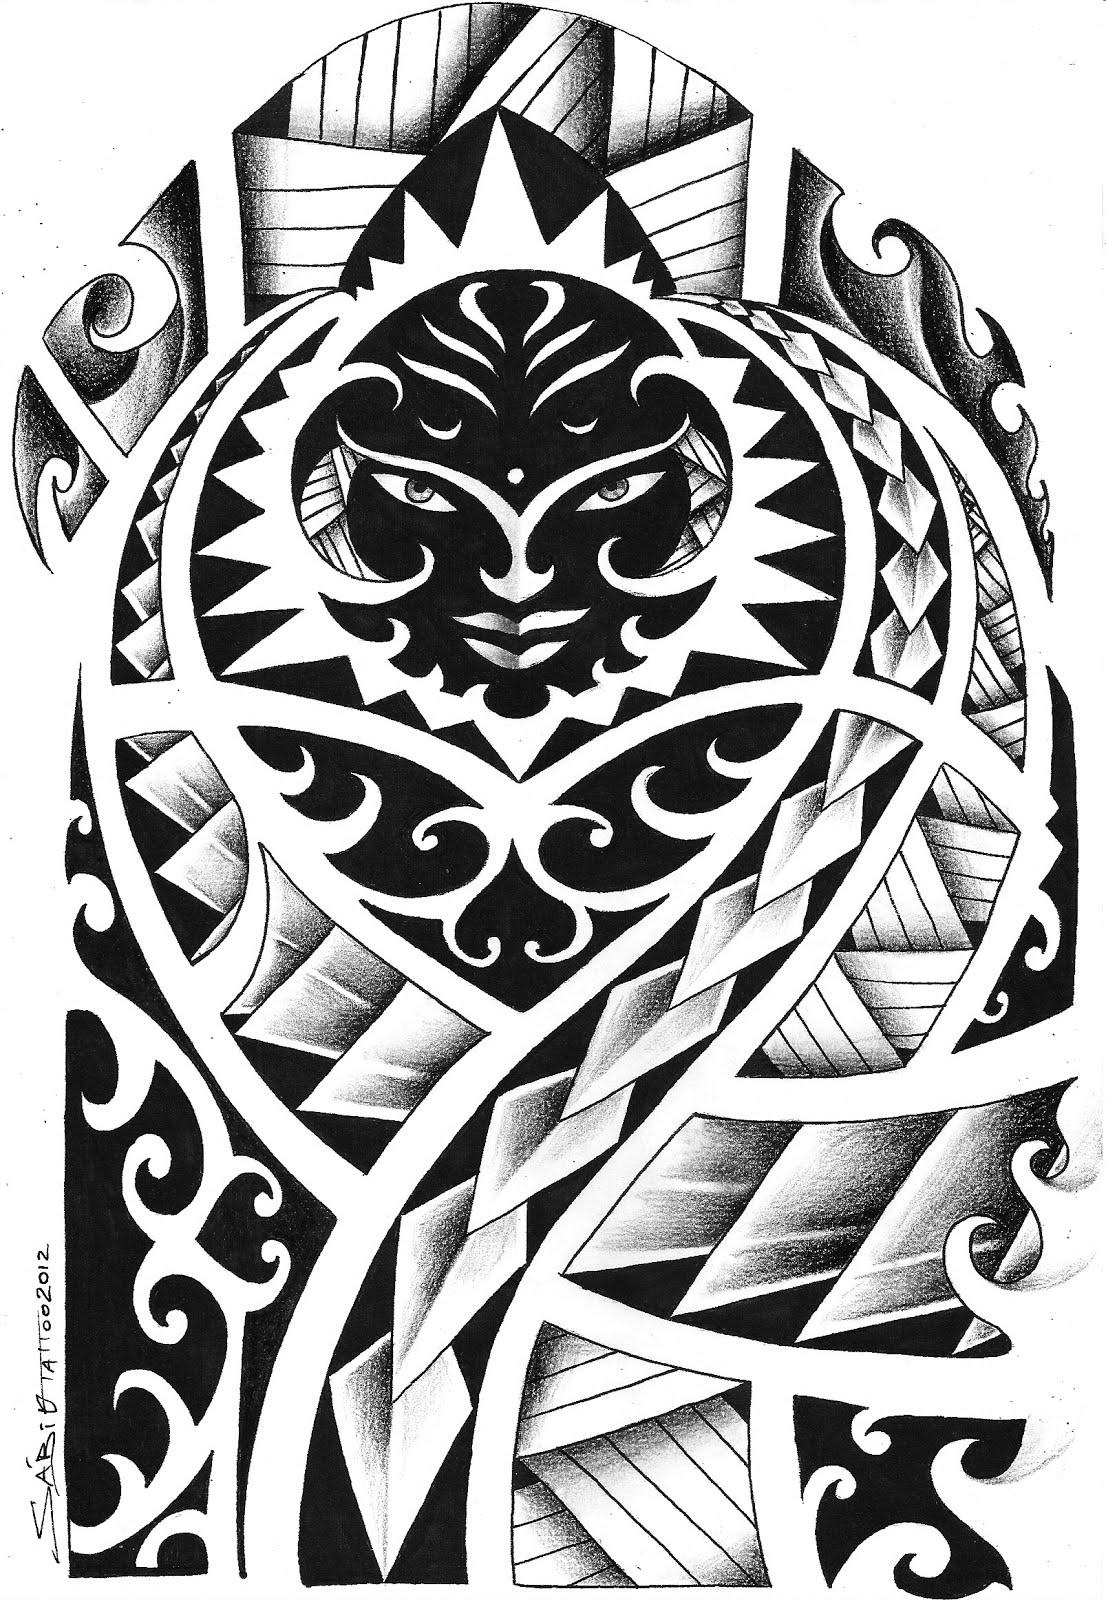 http://1.bp.blogspot.com/-uFnMfISi4lA/UNLnFa_q80I/AAAAAAAAeeQ/hokw7Hsrzkc/s1600/maori+28f+digitalizar0062.jpg